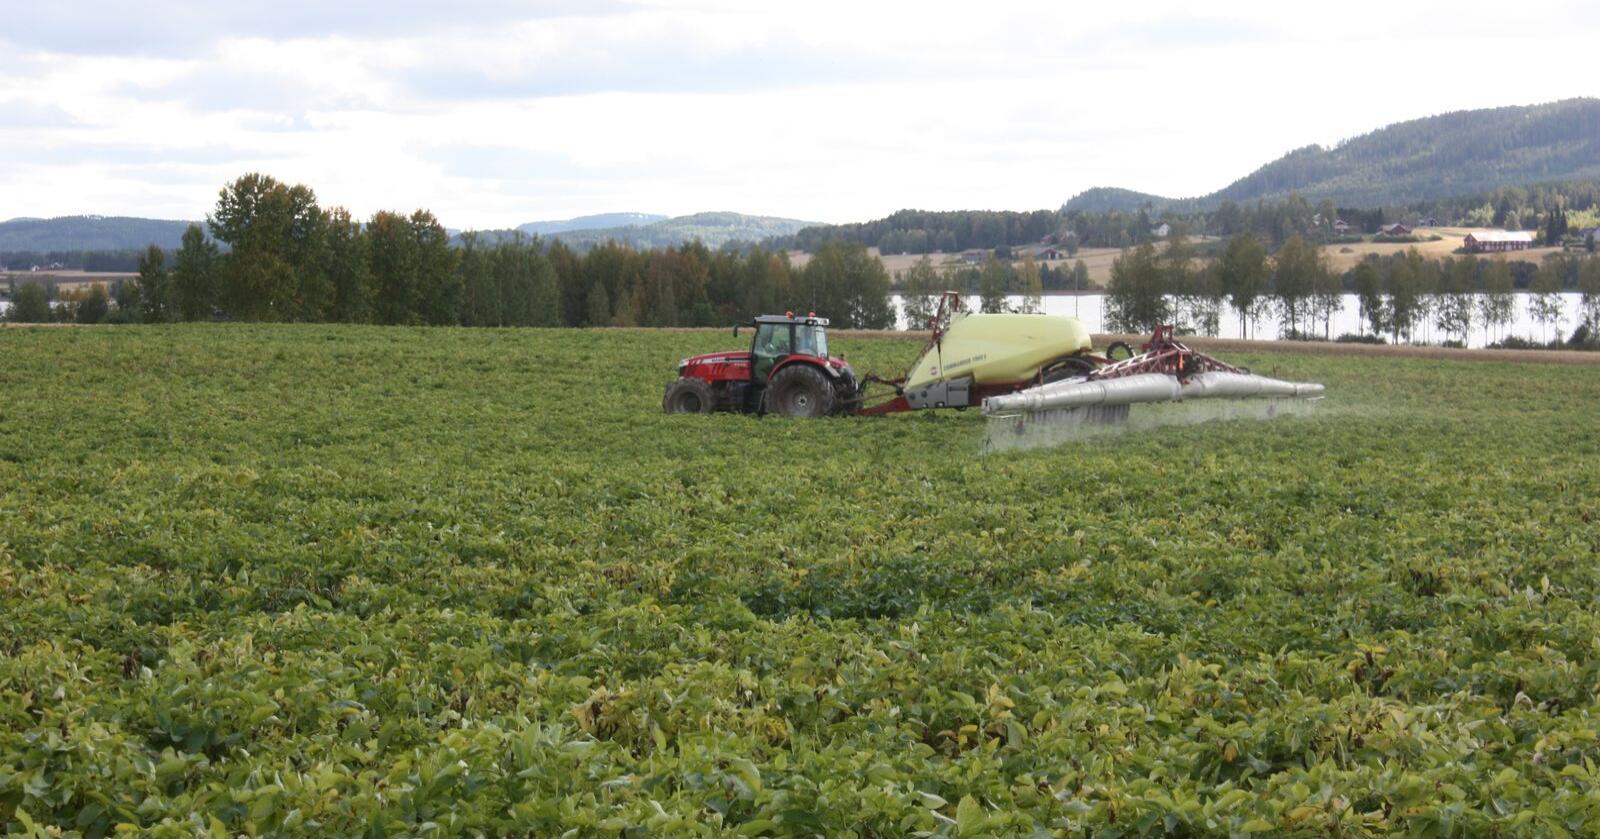 Sprøytemidler: Proxanil er godkjent for bruk i Norge. Her blir potetene sprøytet med Reglone. Foto: Borghild Glorvigen